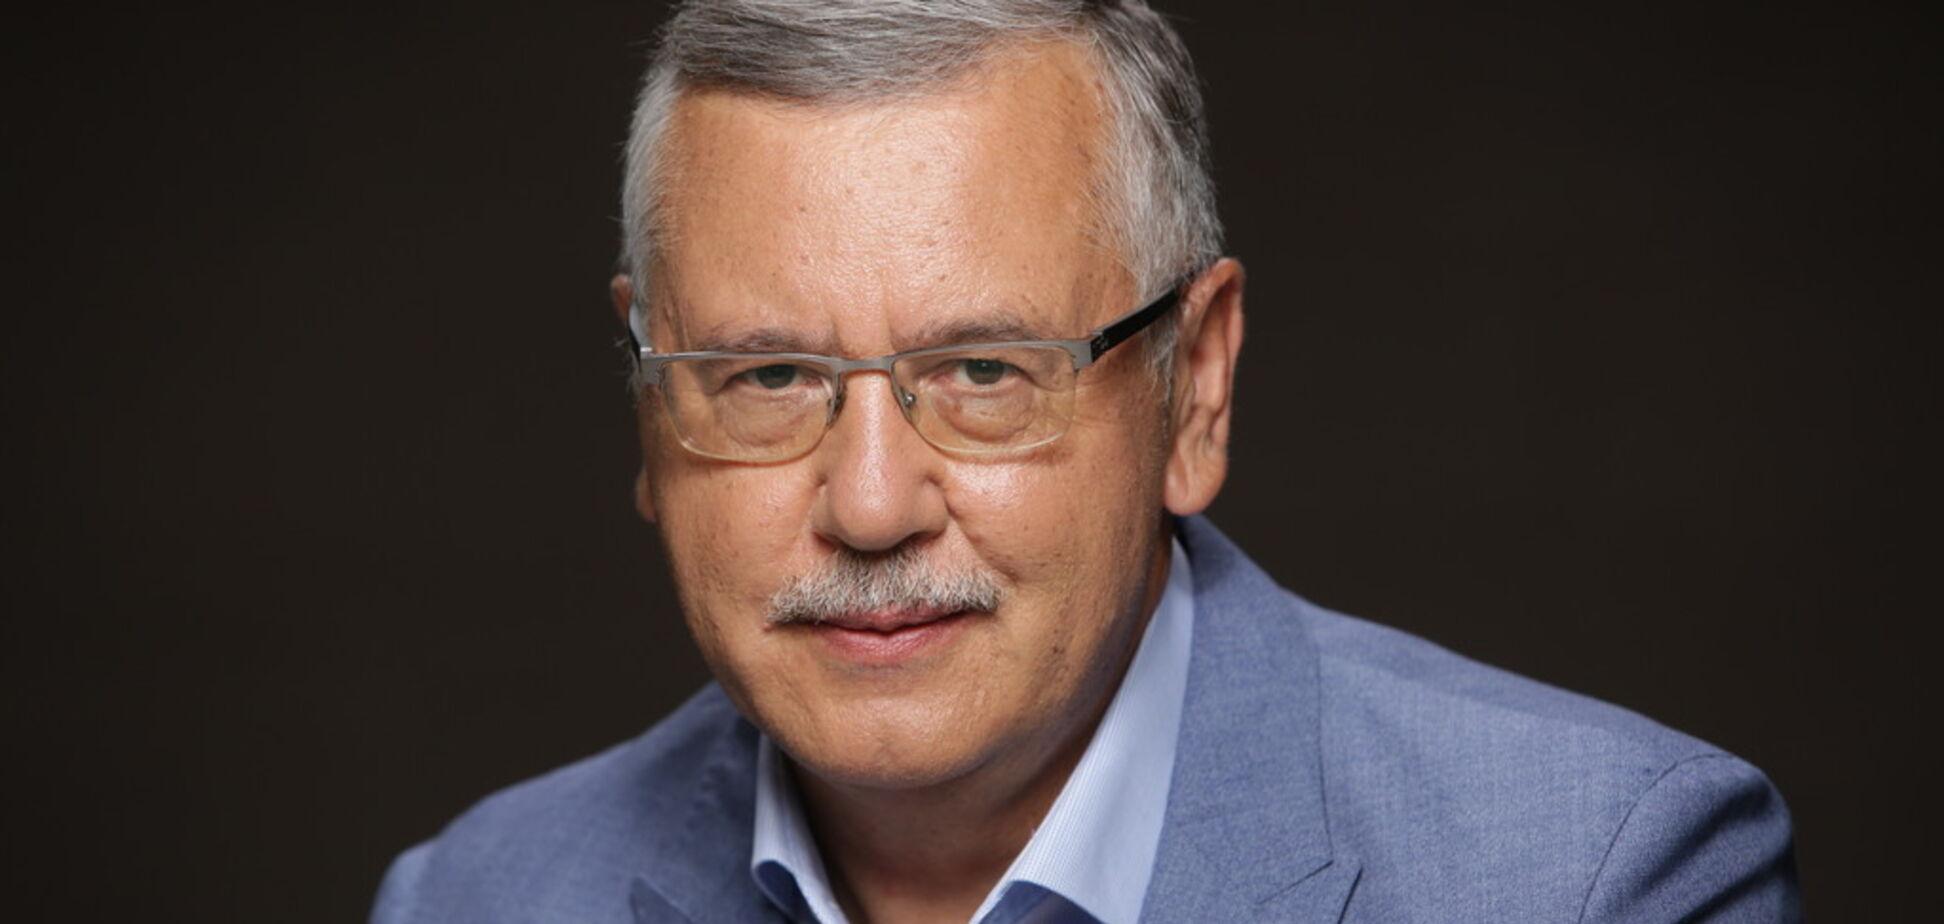 Гриценко получит 15% голосов в случае присоединения к нему Садового — опрос